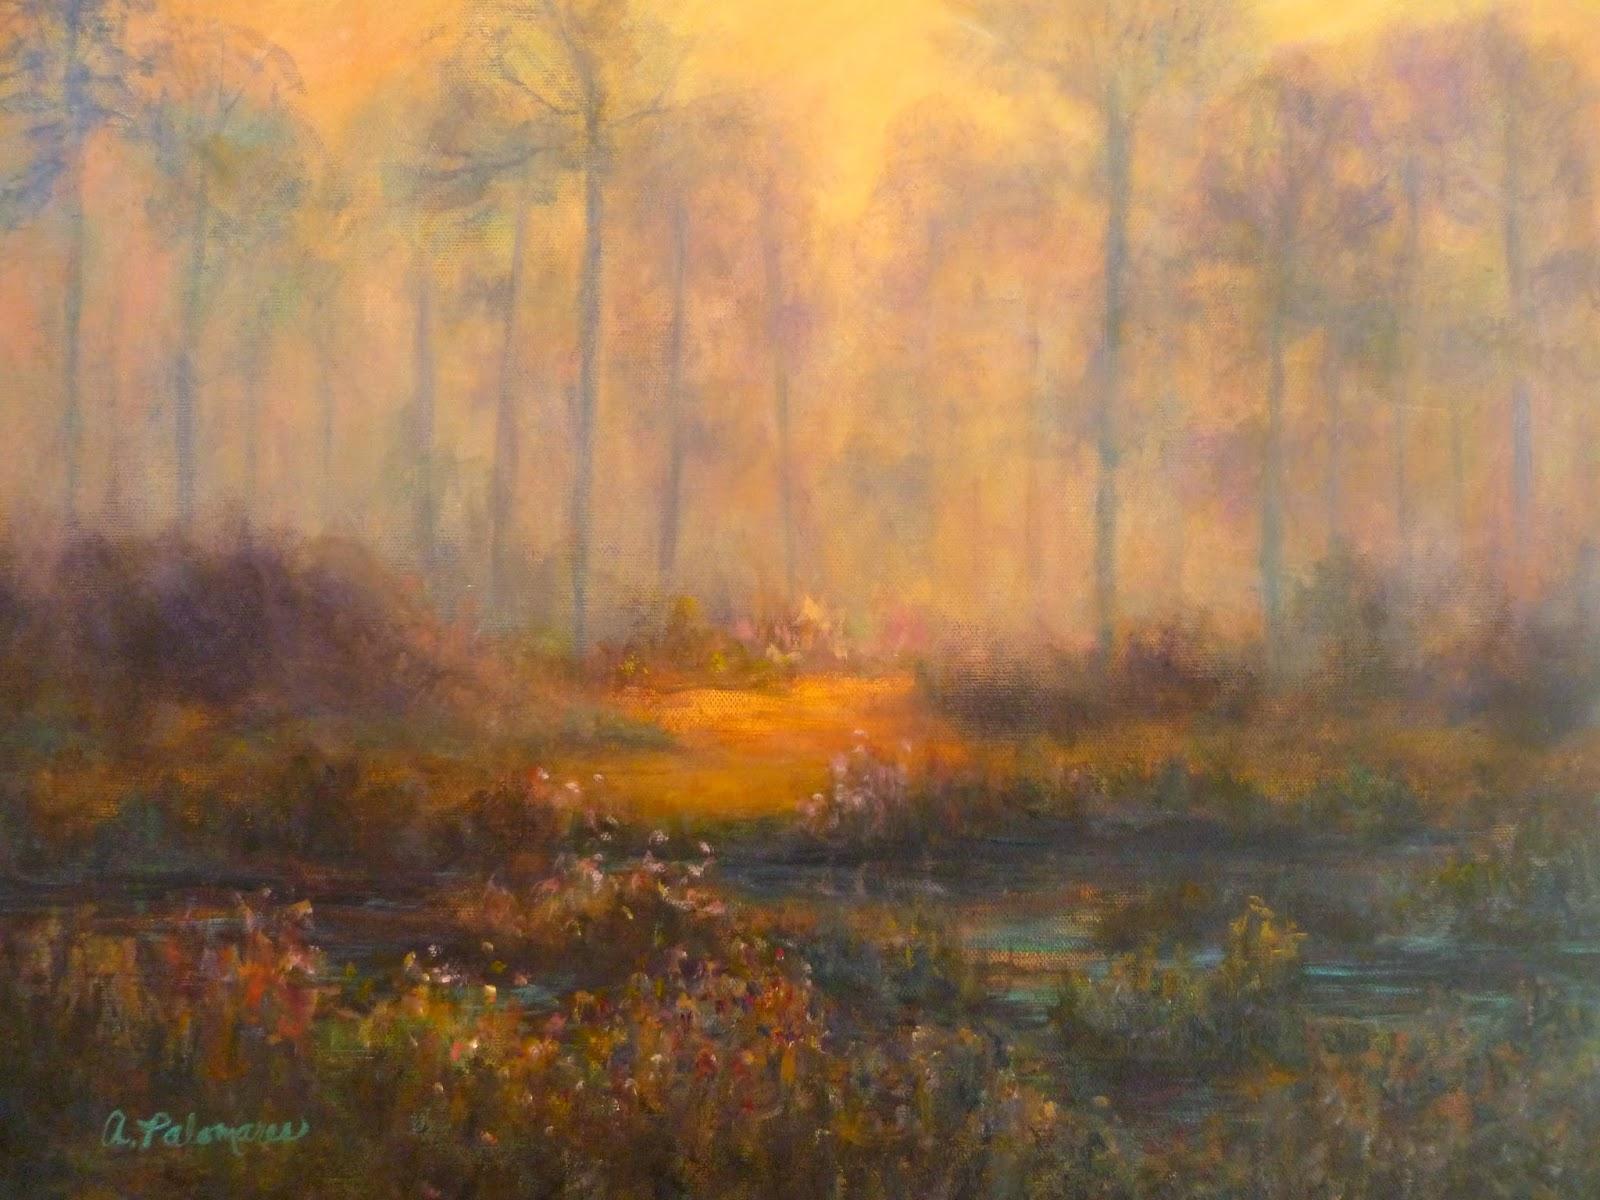 A marsh at sunrise painting on Jekyll Island